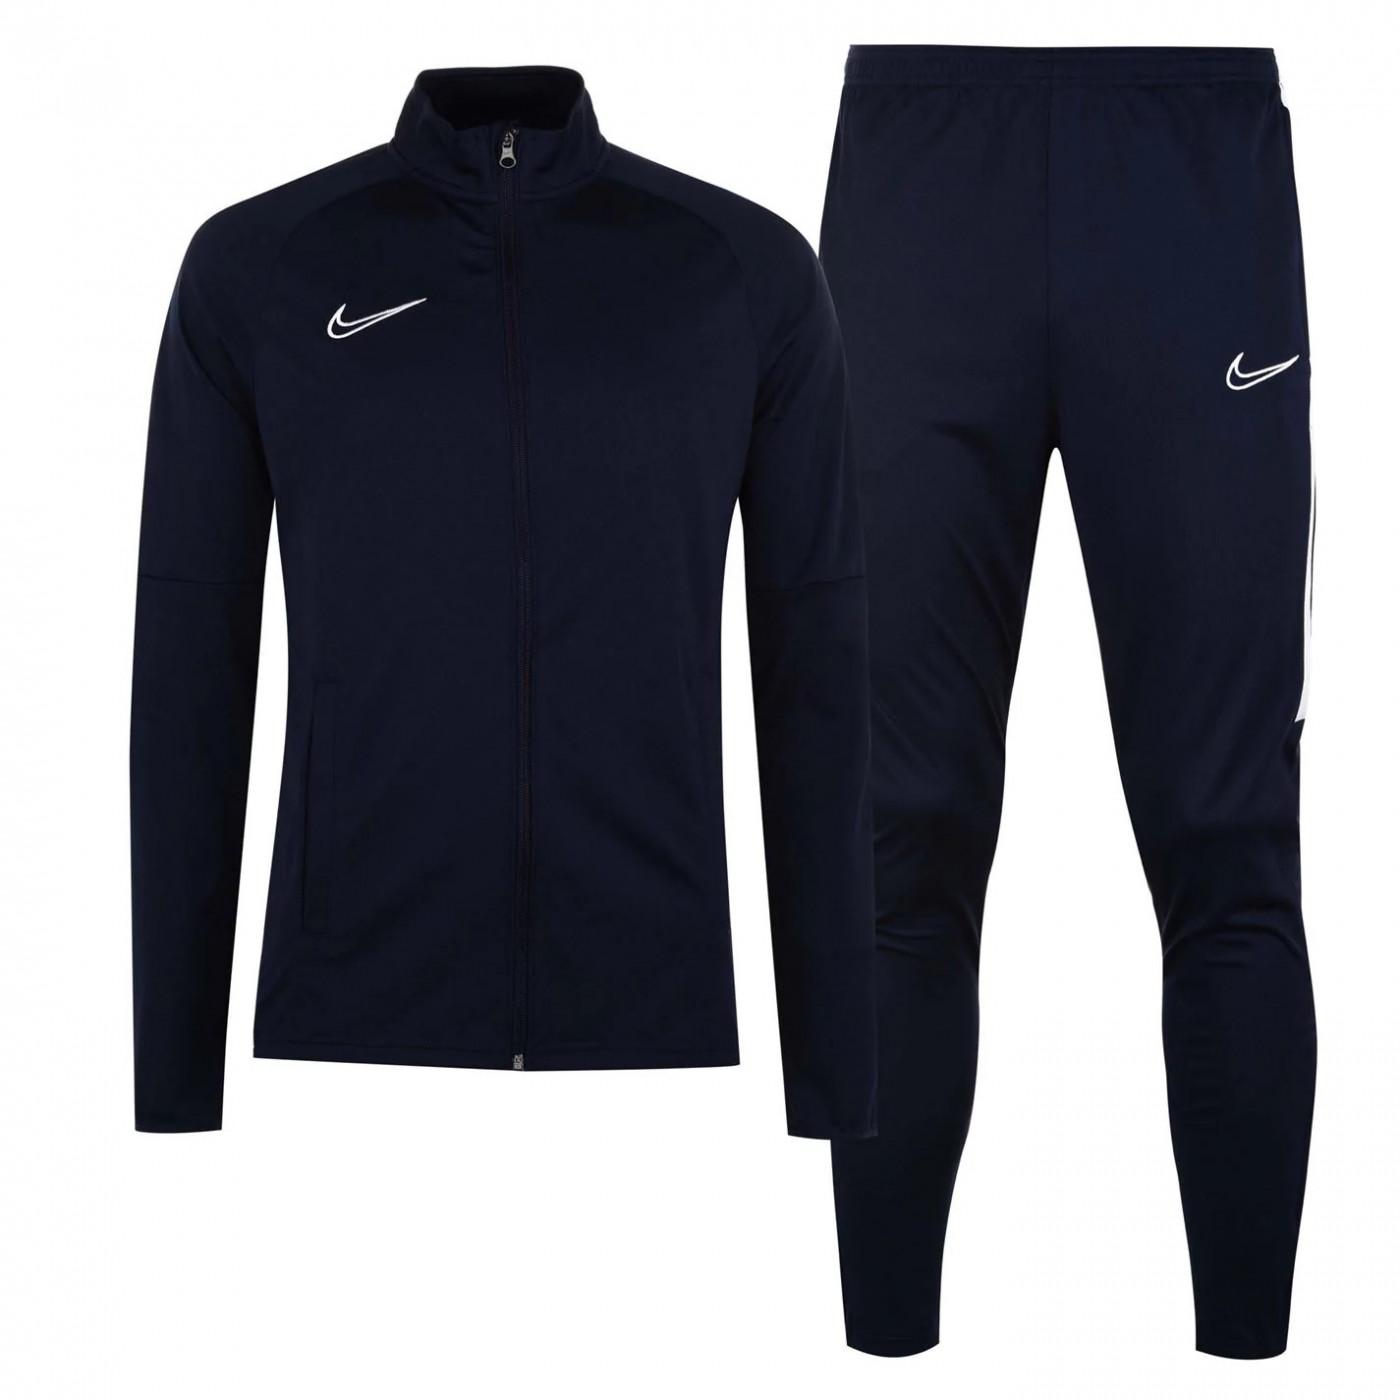 Nike Academy Warm Up pánská tepláková souprava